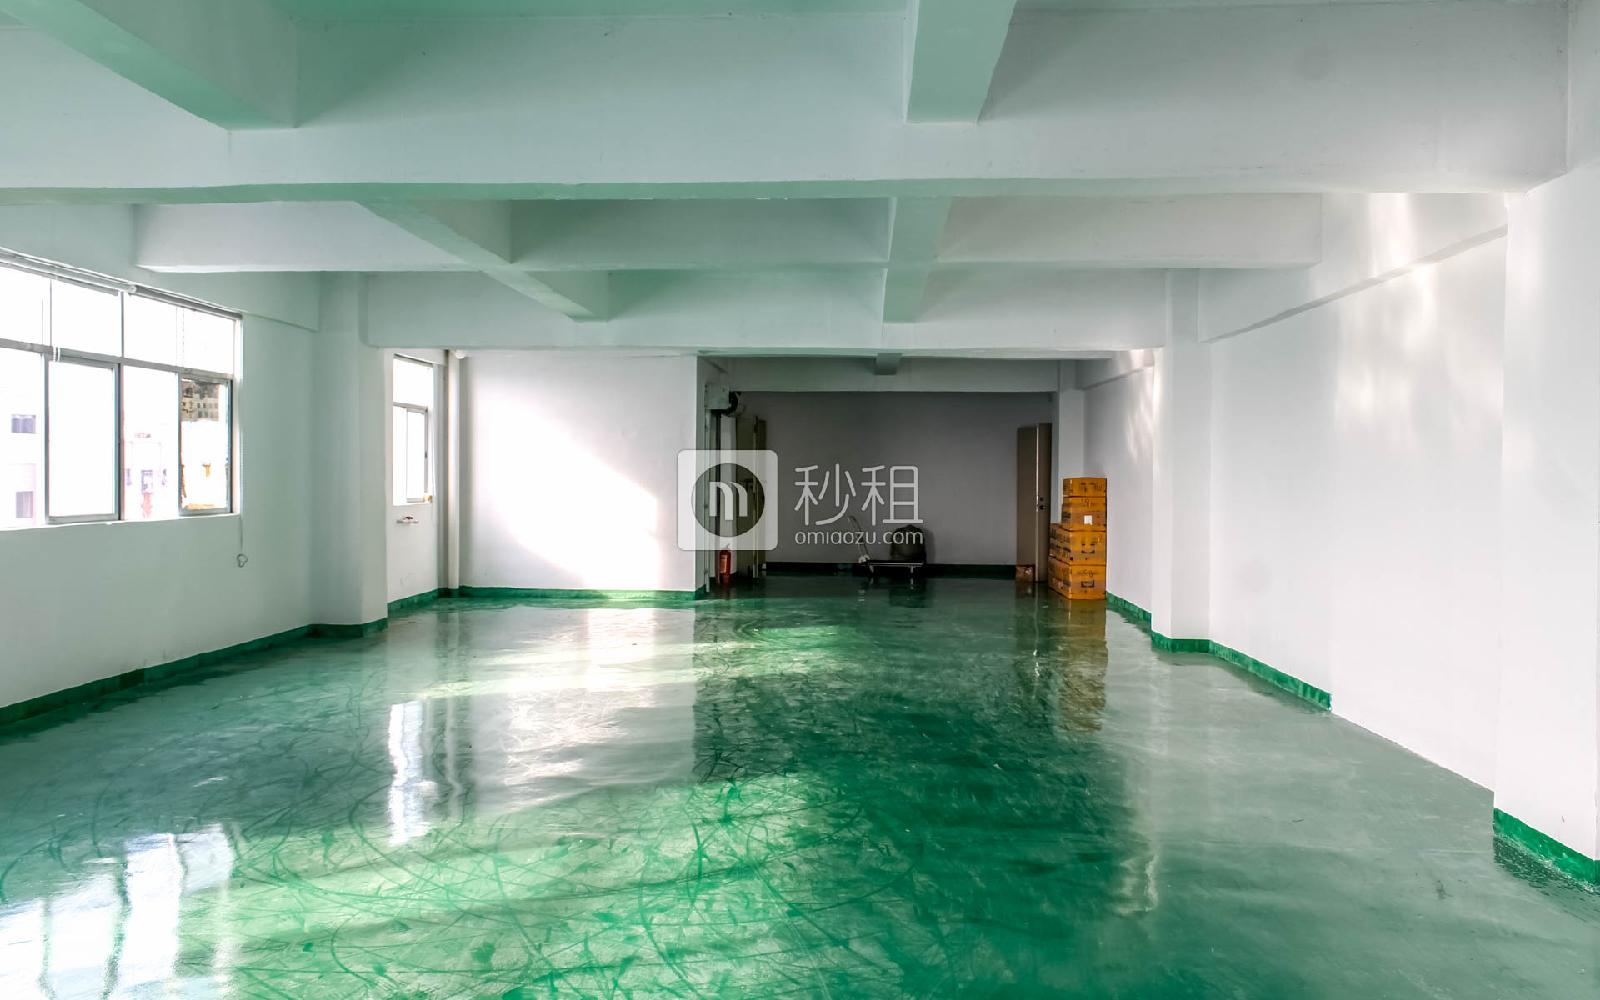 百思富创意空间写字楼出租160平米简装办公室37元/m².月